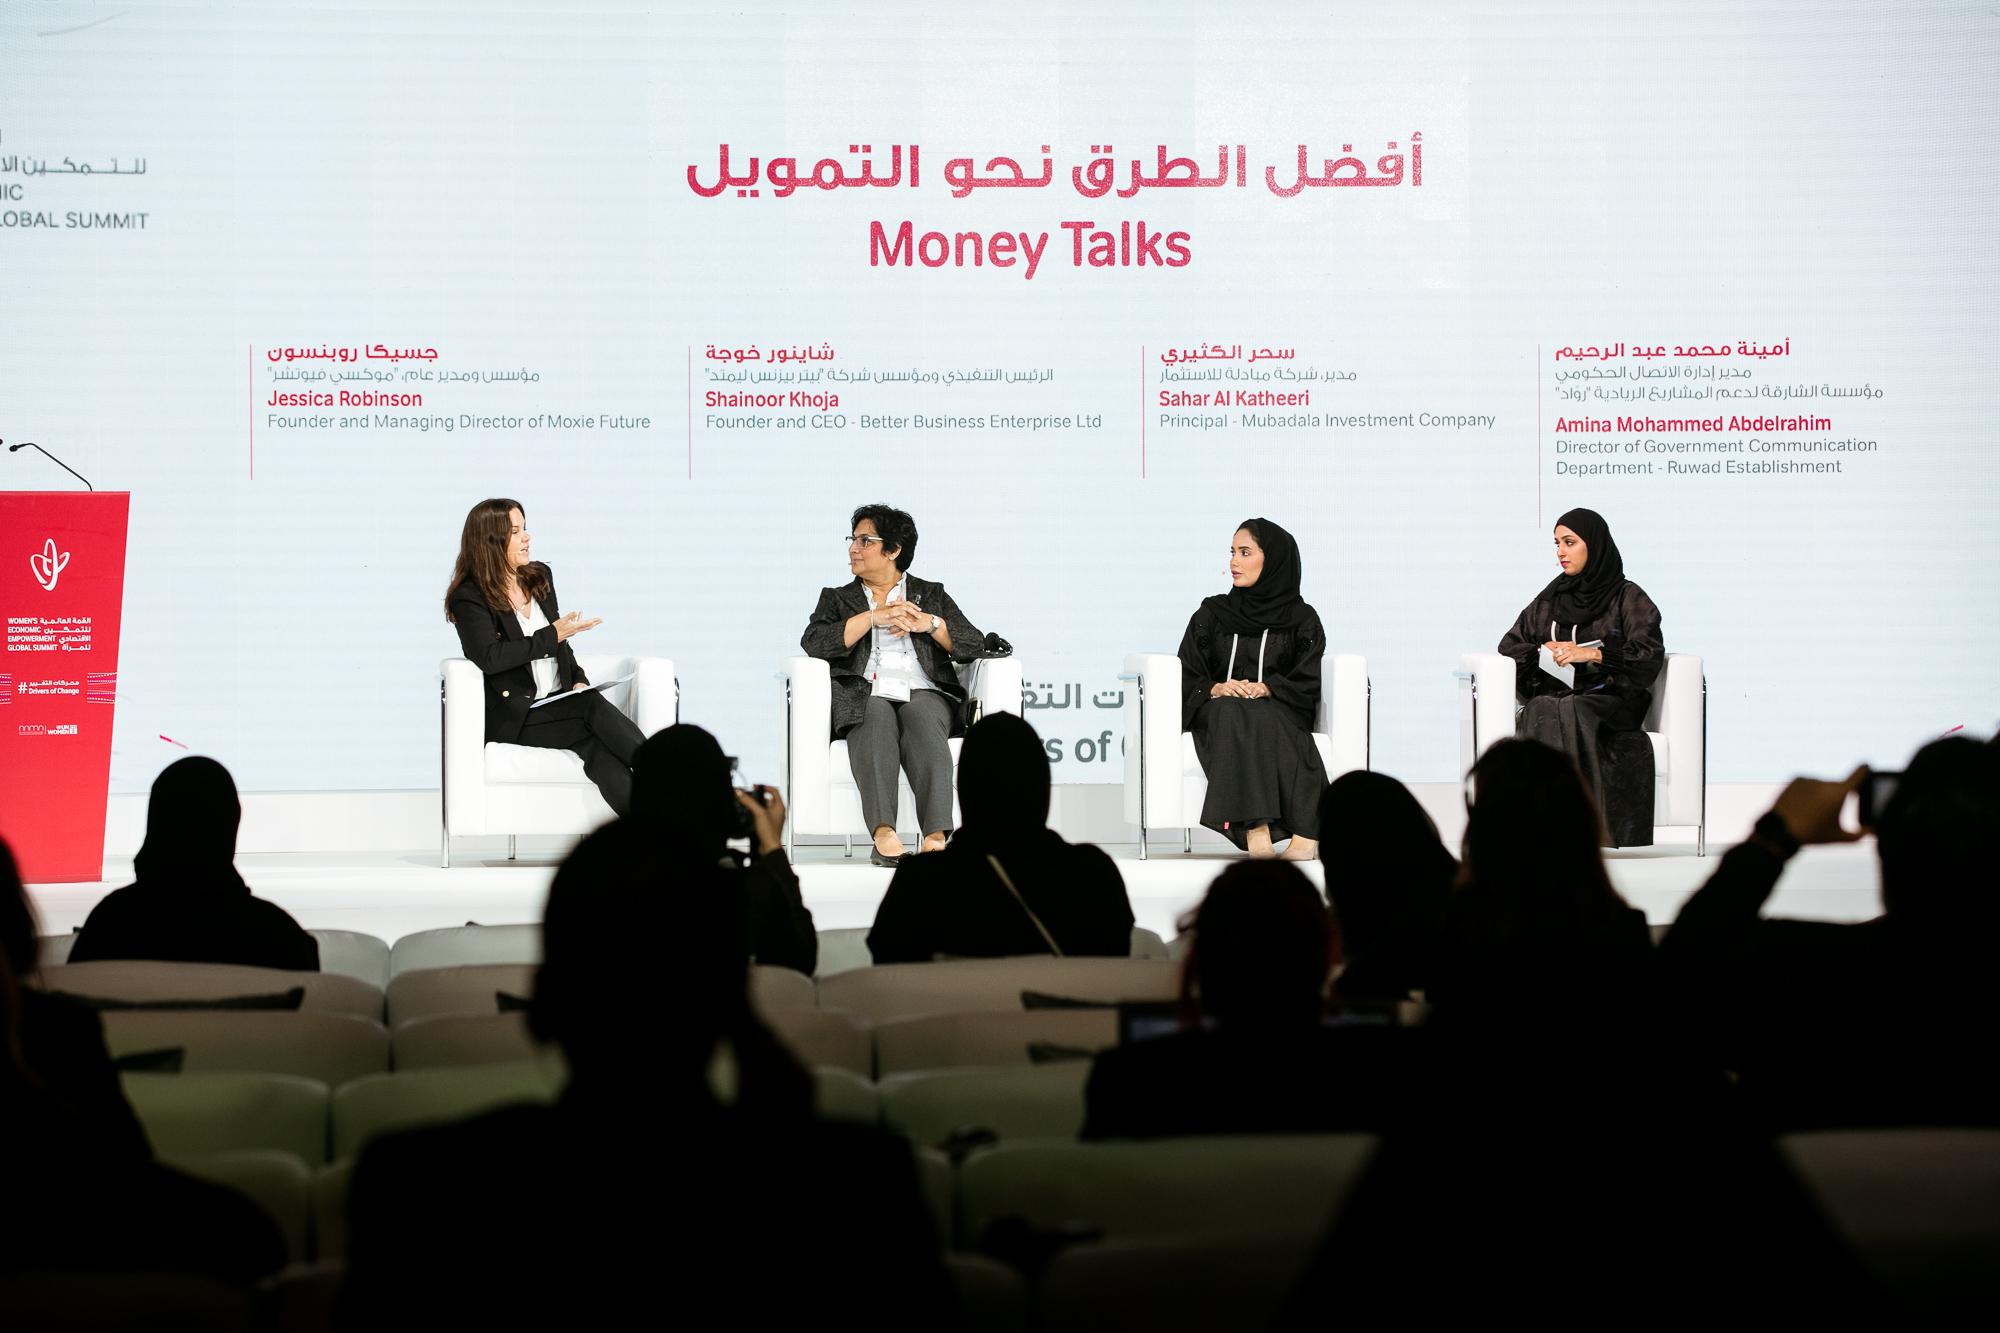 خبراء: الثقافة والتعليم والرعاية الصحية أساس التمكين الاقتصادي للمرأة